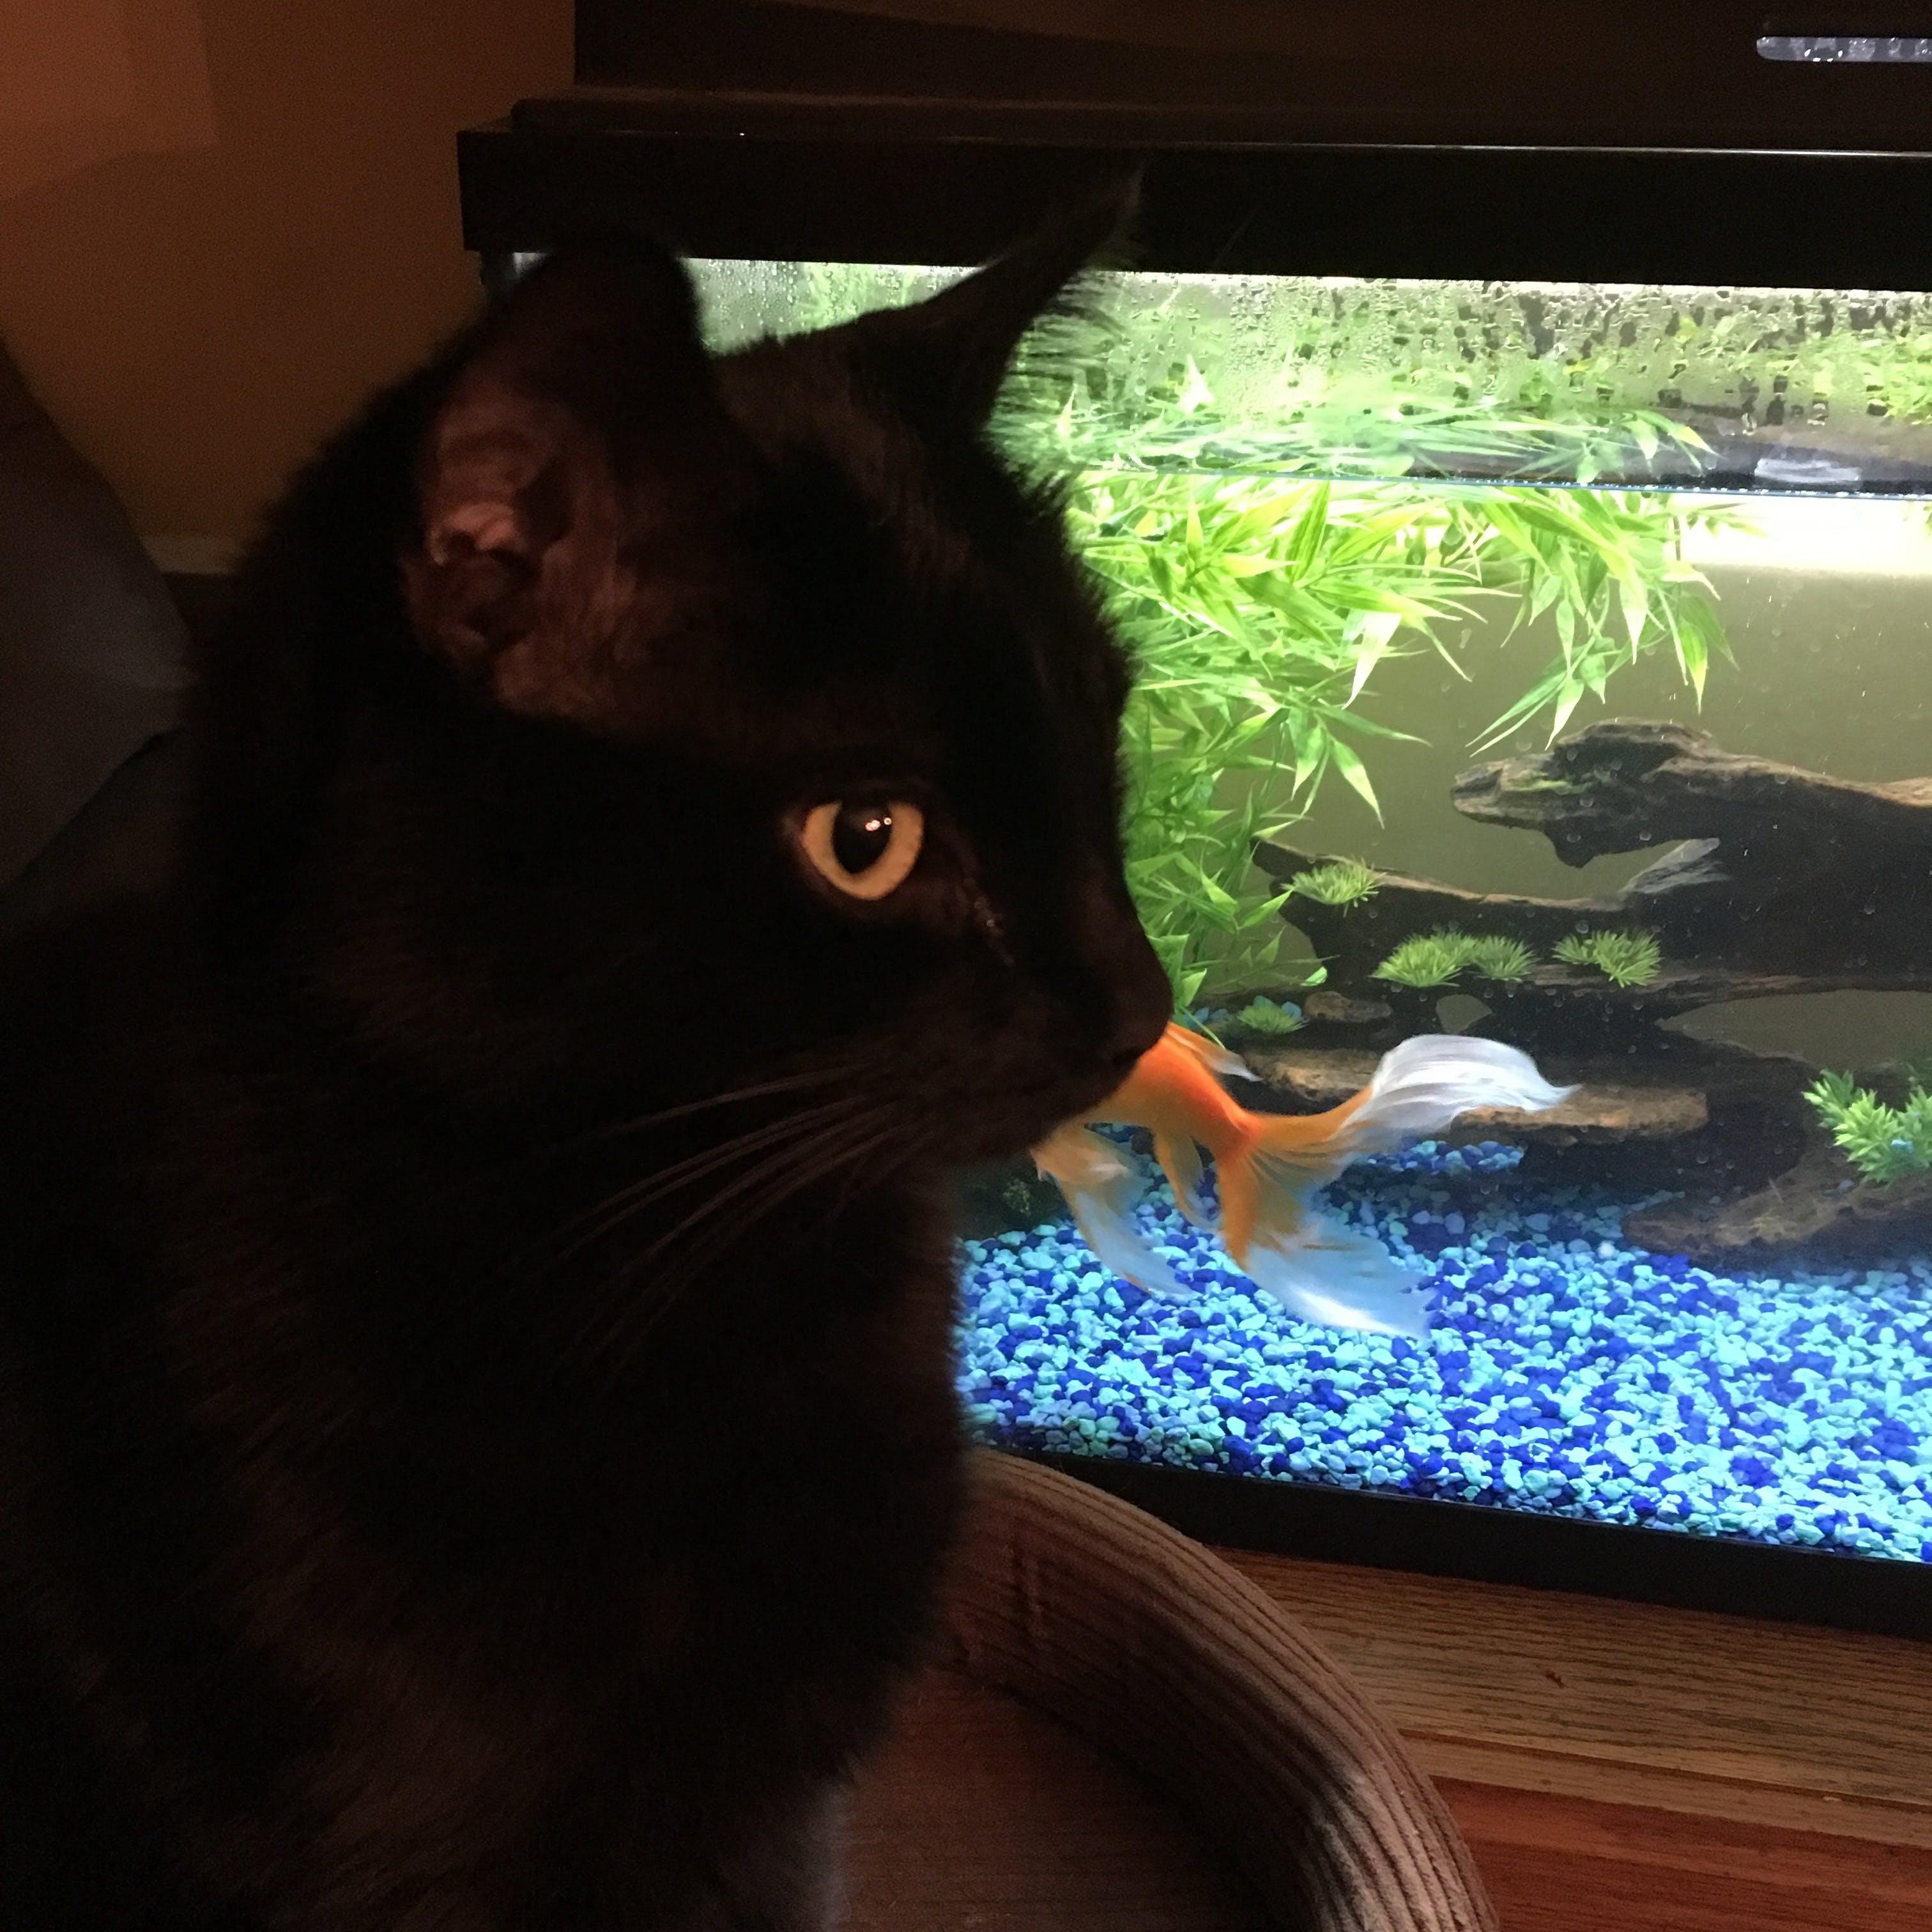 Free stock photo of night, cat, goldfish